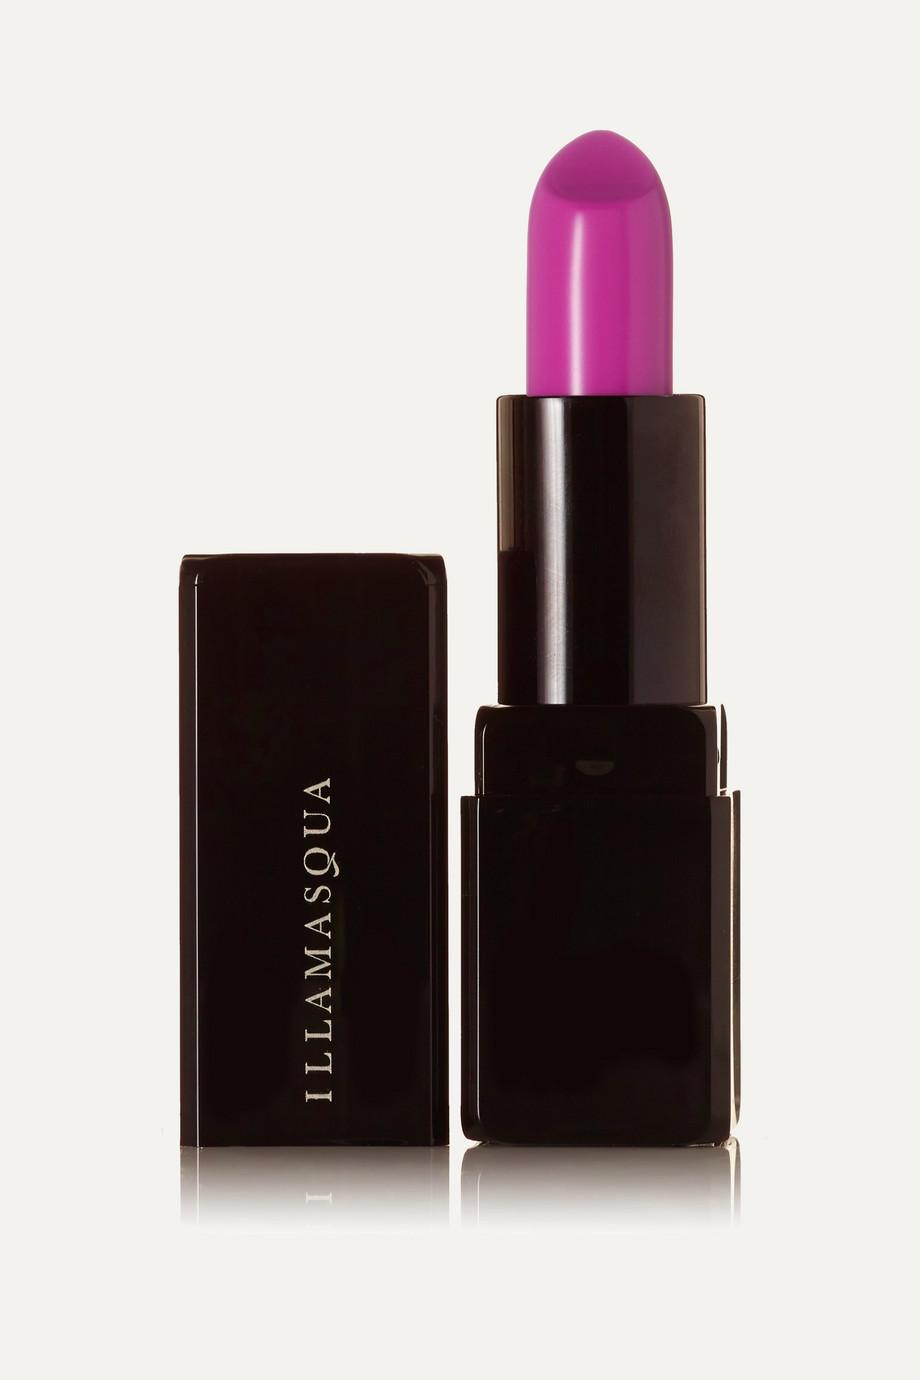 Illamasqua Antimatter Lipstick - Nebula